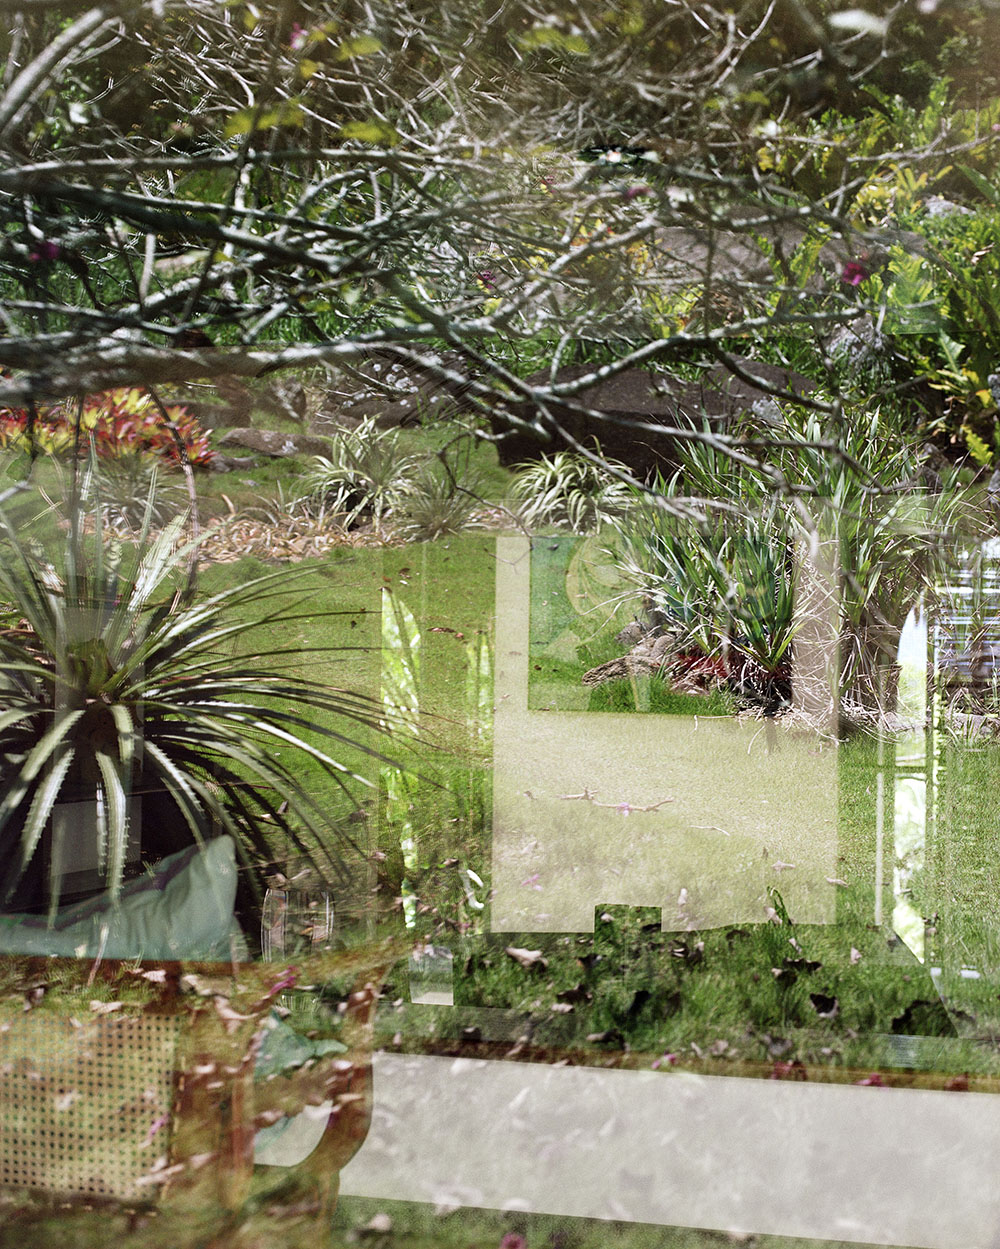 """Lorna Bauer,  Studio and garden , édition de 5 + 1 AP, 2018, impression pigmentée, 127 x 102 cm (50"""" x 40"""")"""